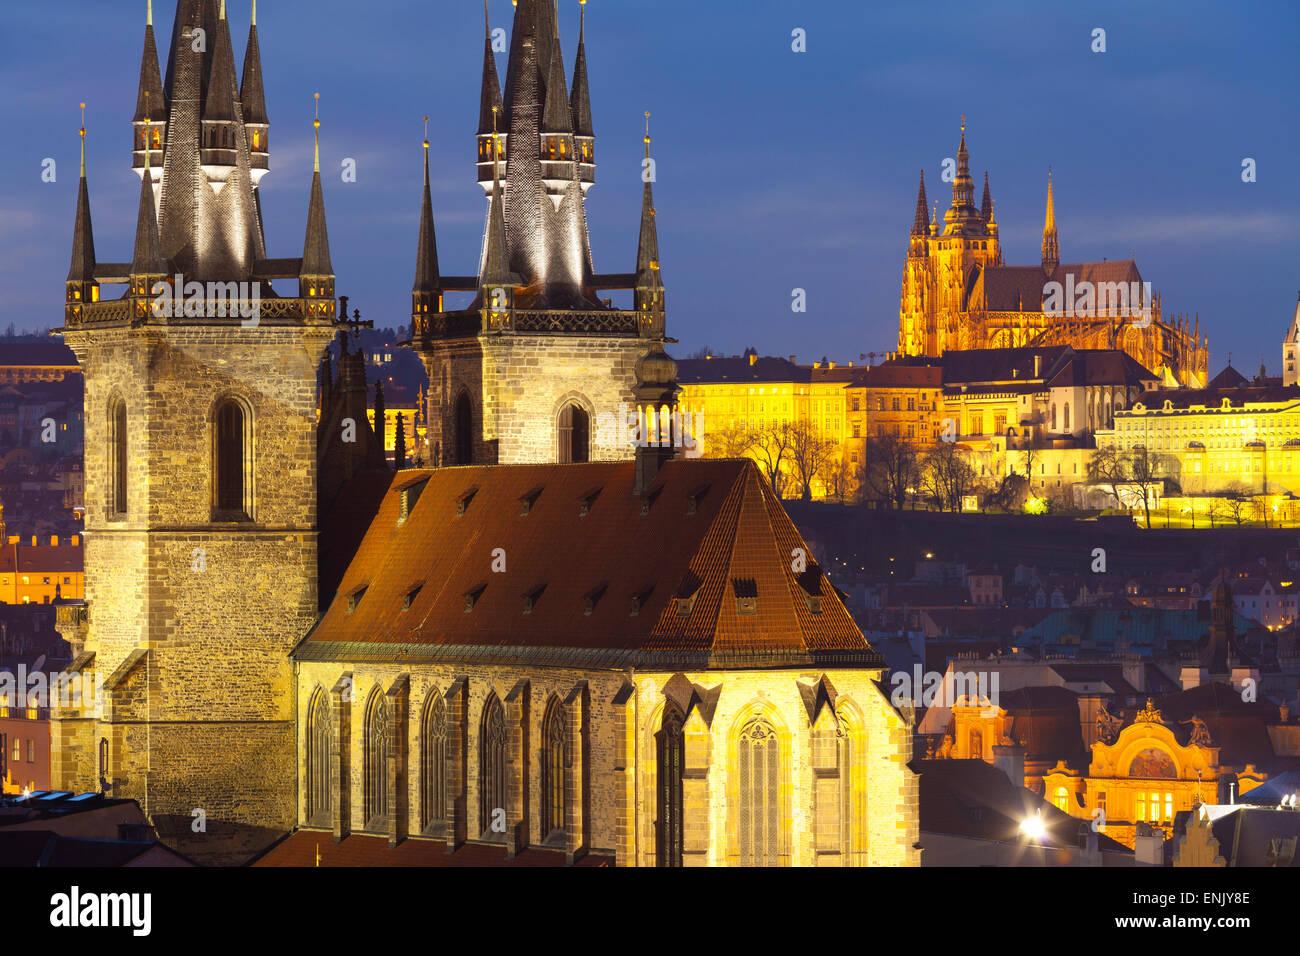 Descripción general de la Iglesia de Nuestra señora de Tyn y el Castillo de Praga, Sitio del Patrimonio Imagen De Stock